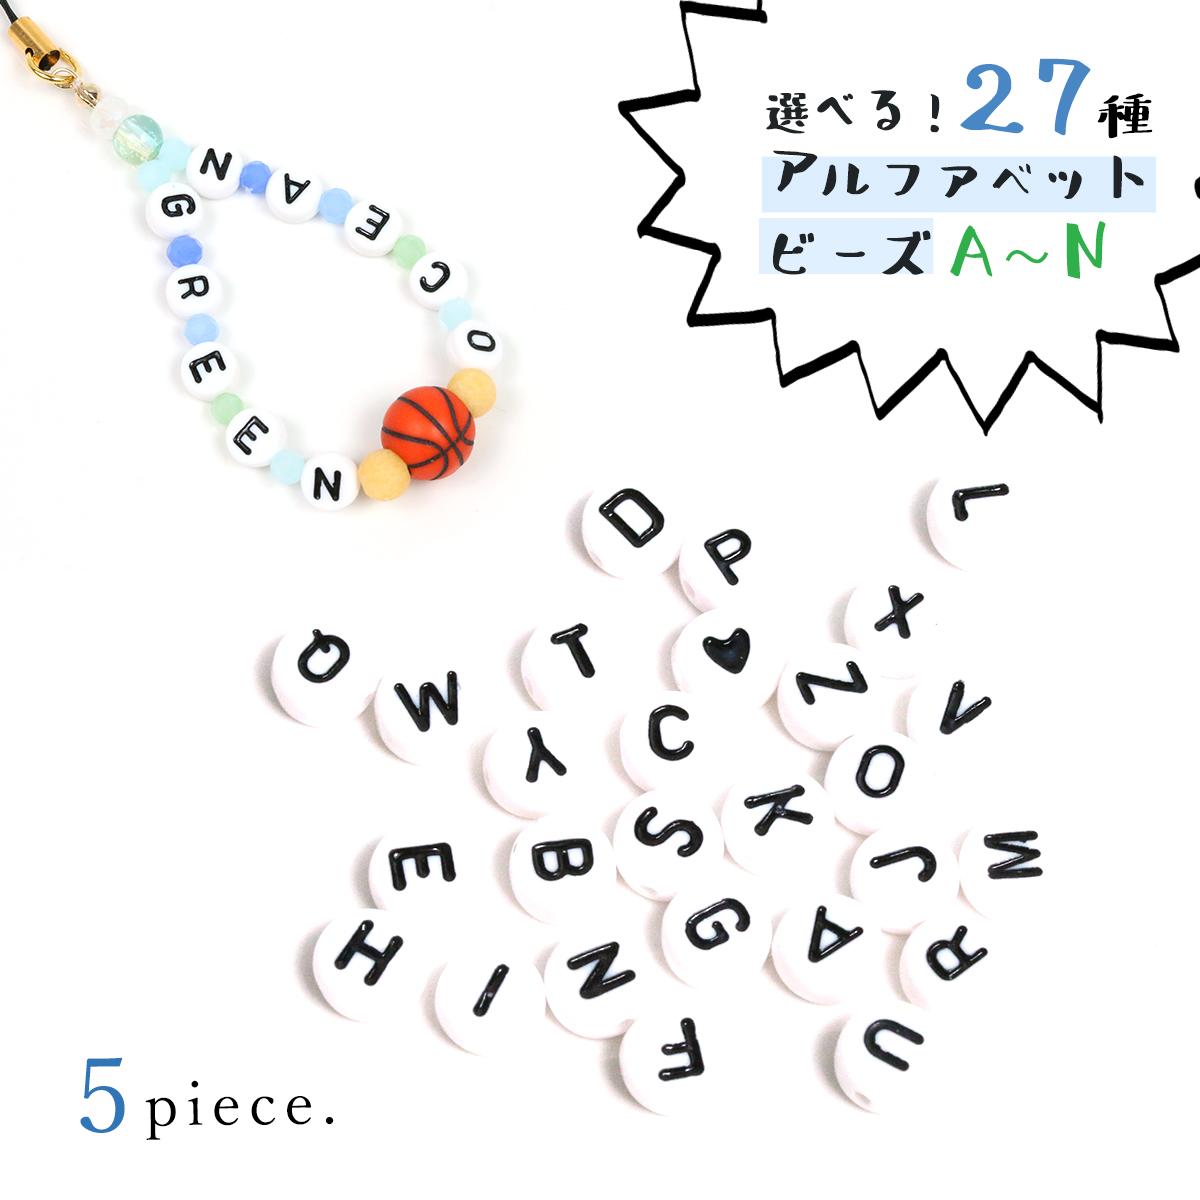 こちらはA~Nの文字のビーズです 【ビーズ】5個 お好きな文字が選べます♪アルファベットビーズ 《A~N》 [プラスチック 英語 字 組み合わせ]